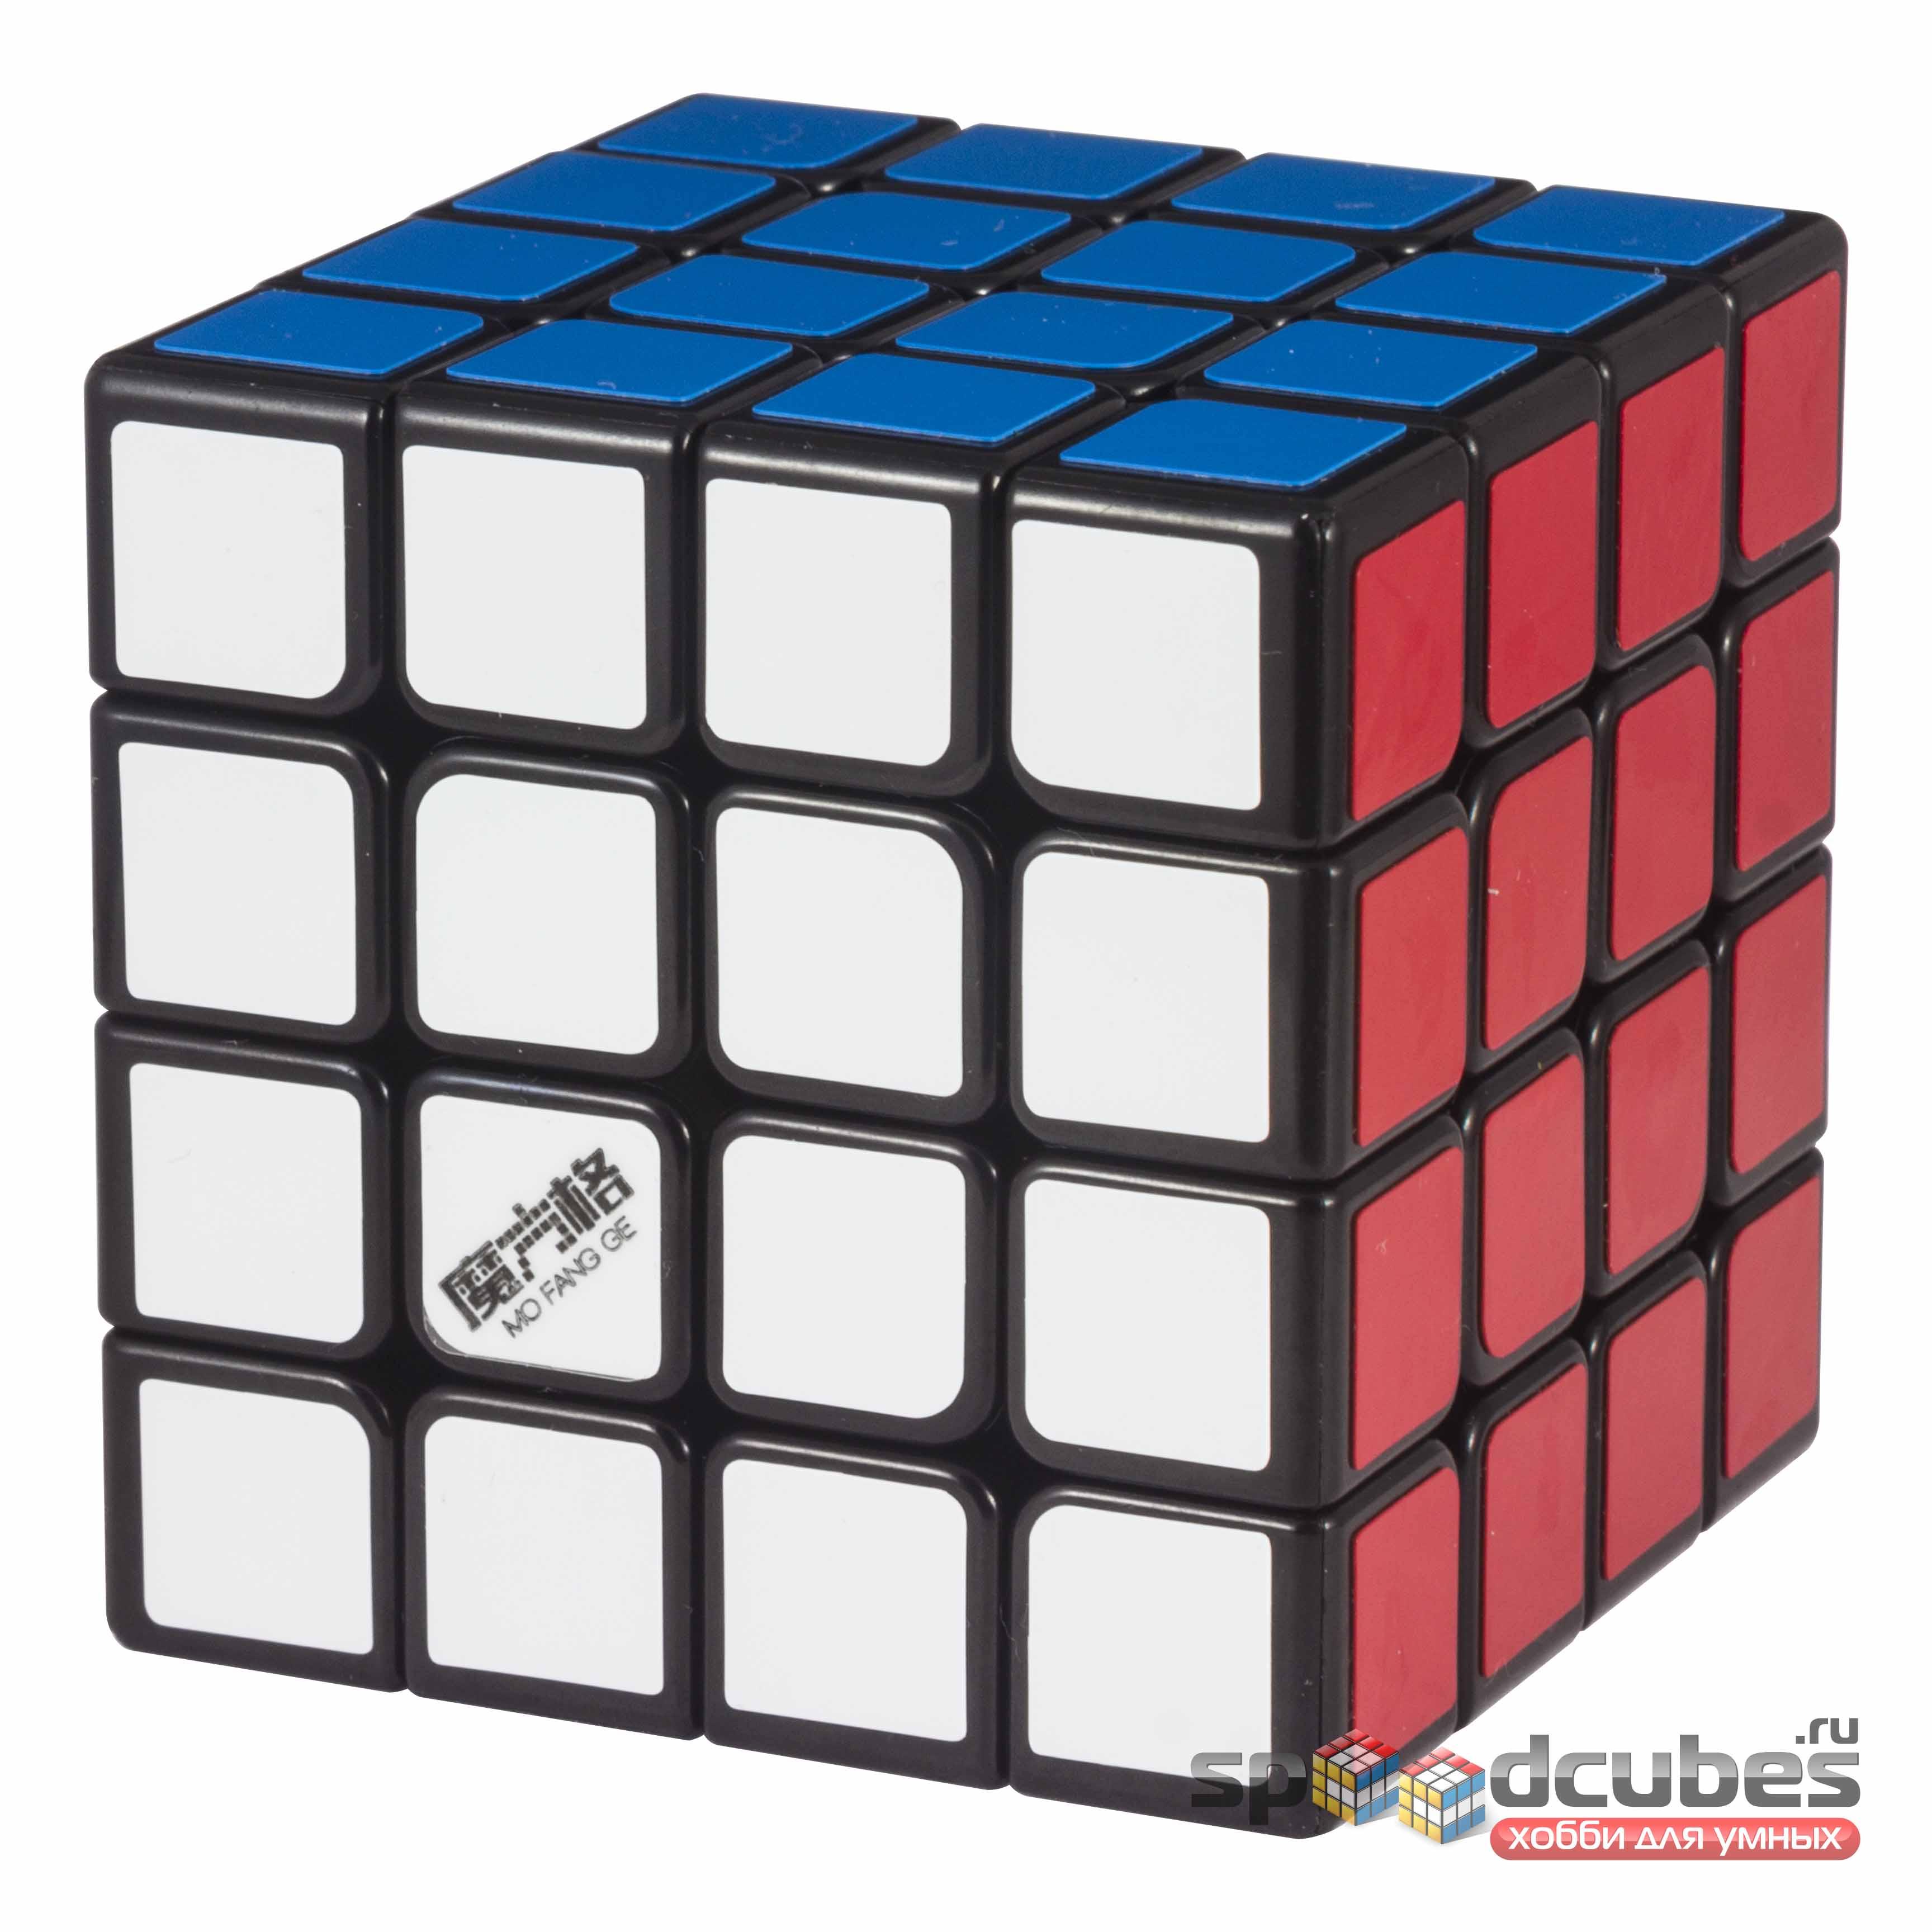 QiYi (MoFangGe) 4x4x4 Thunderclap 6,2 Cm